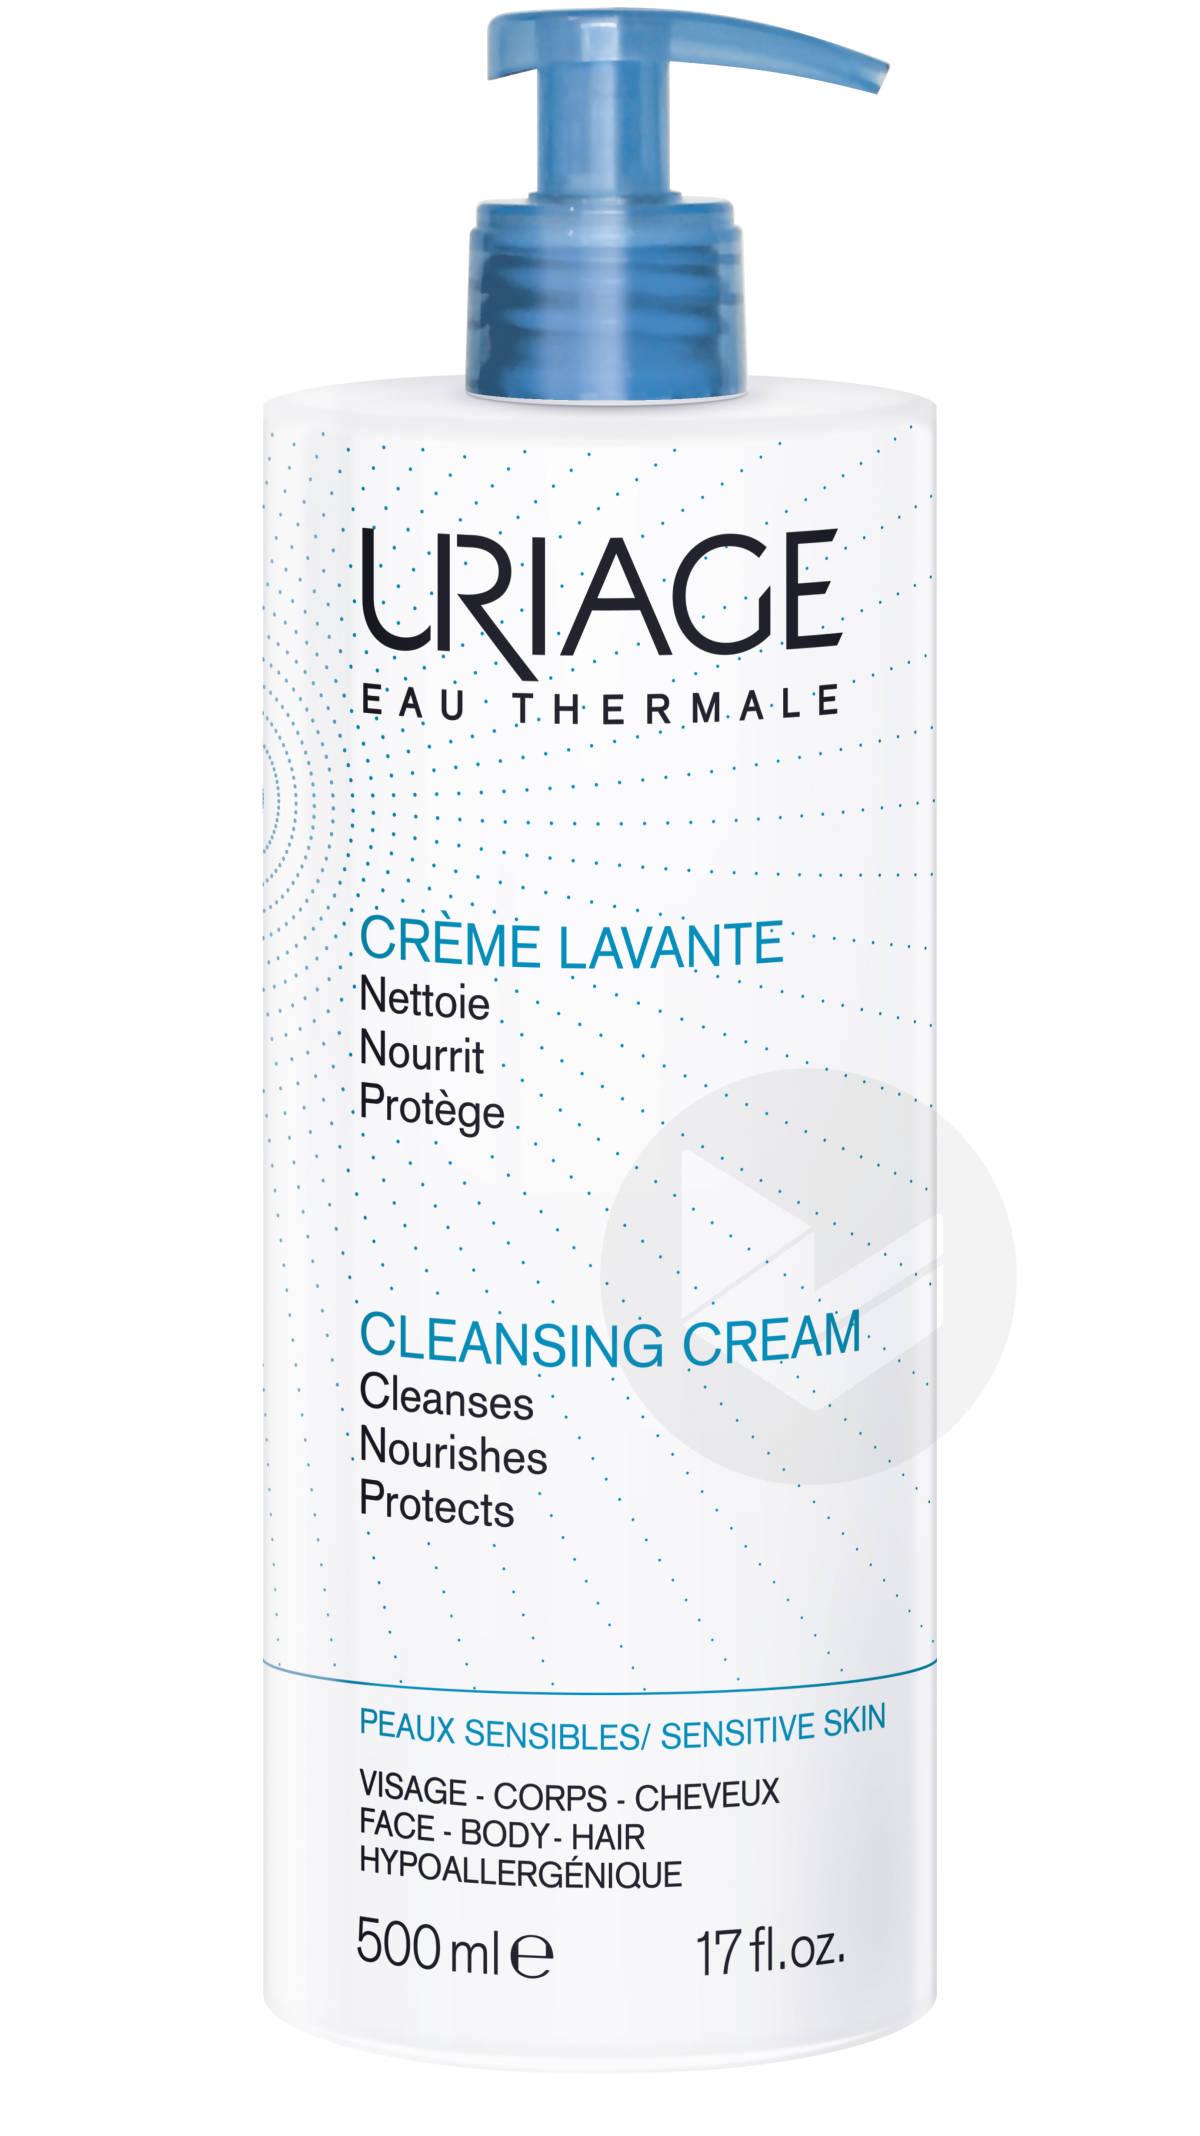 Crème Lavante 500ml